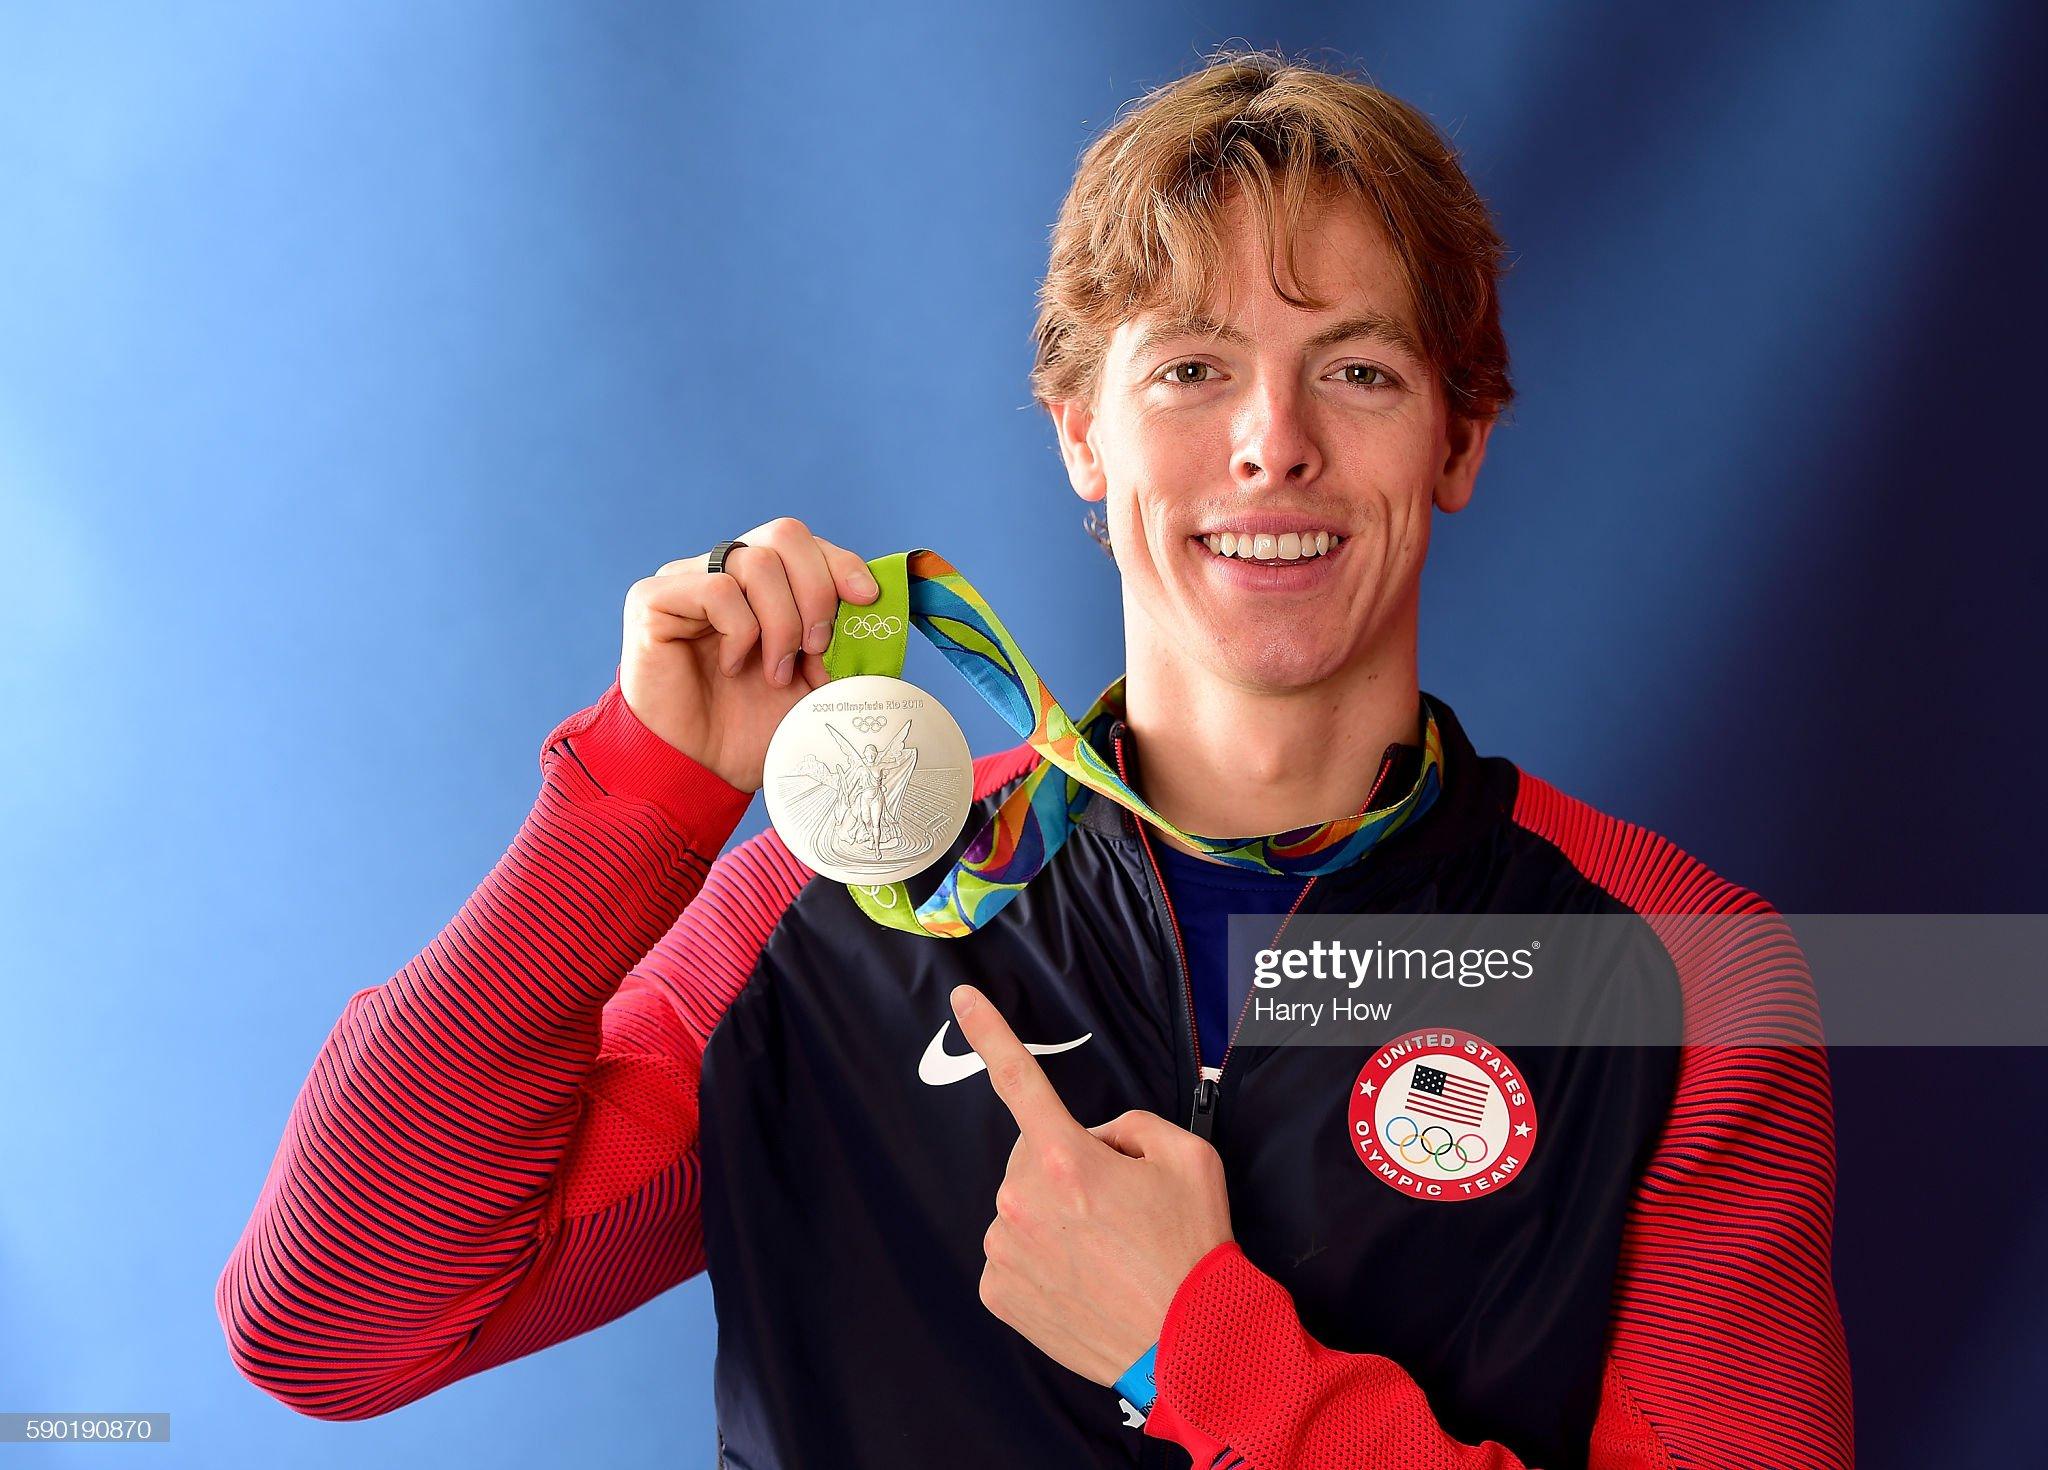 The Today Show Gallery of Olympians : Fotografía de noticias